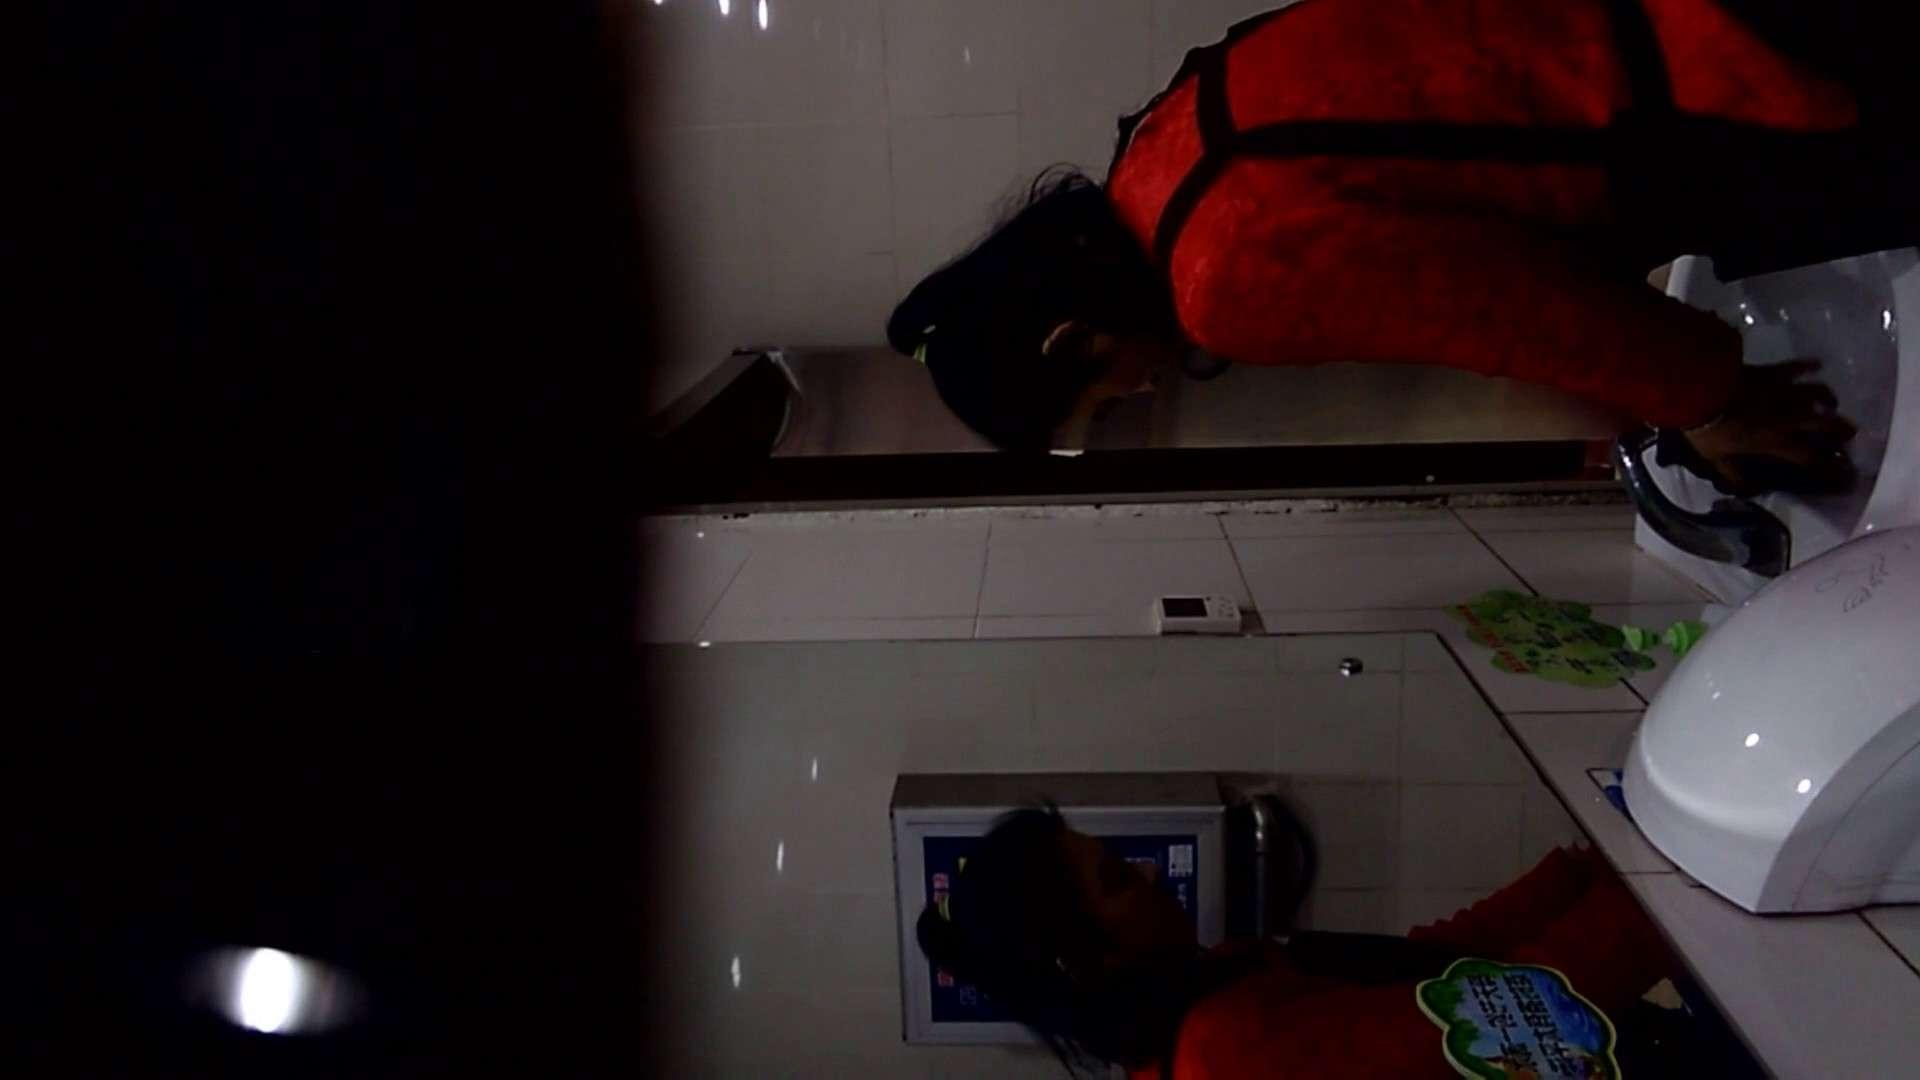 芸術大学ガチ潜入盗撮 JD盗撮 美女の洗面所の秘密 Vol.105 高評価 スケベ動画紹介 90画像 69